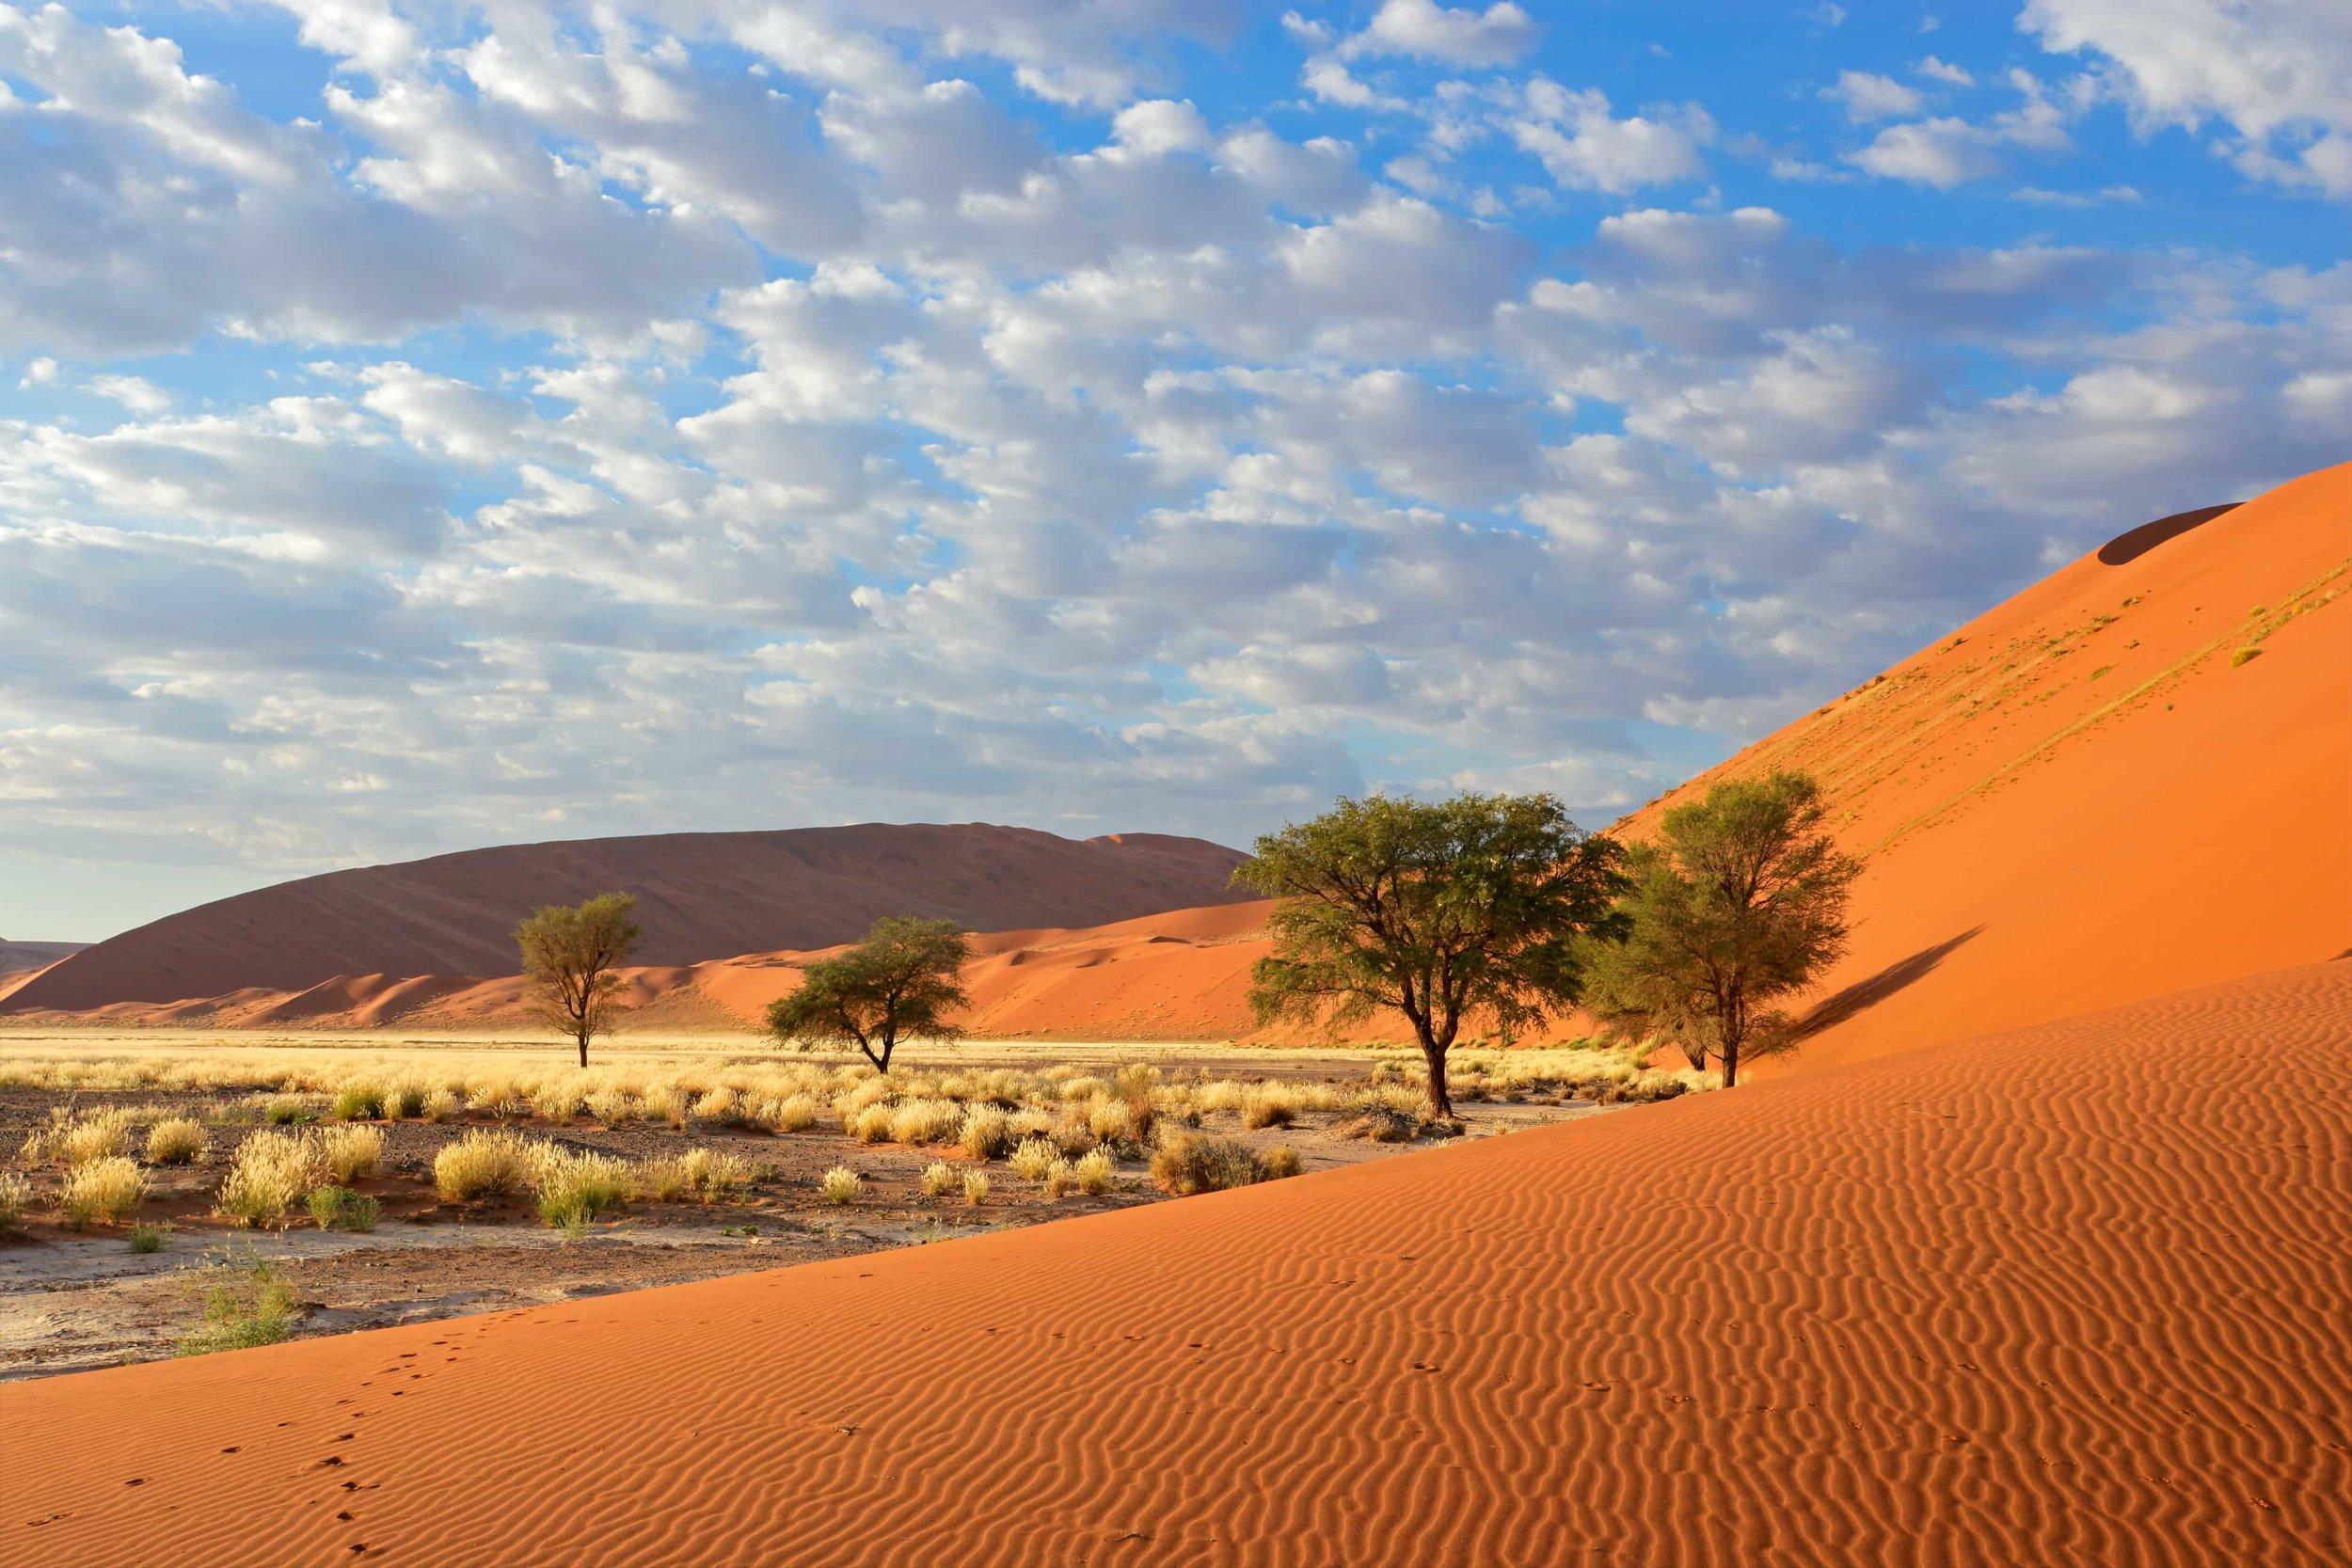 Namibia-desert-min.jpg